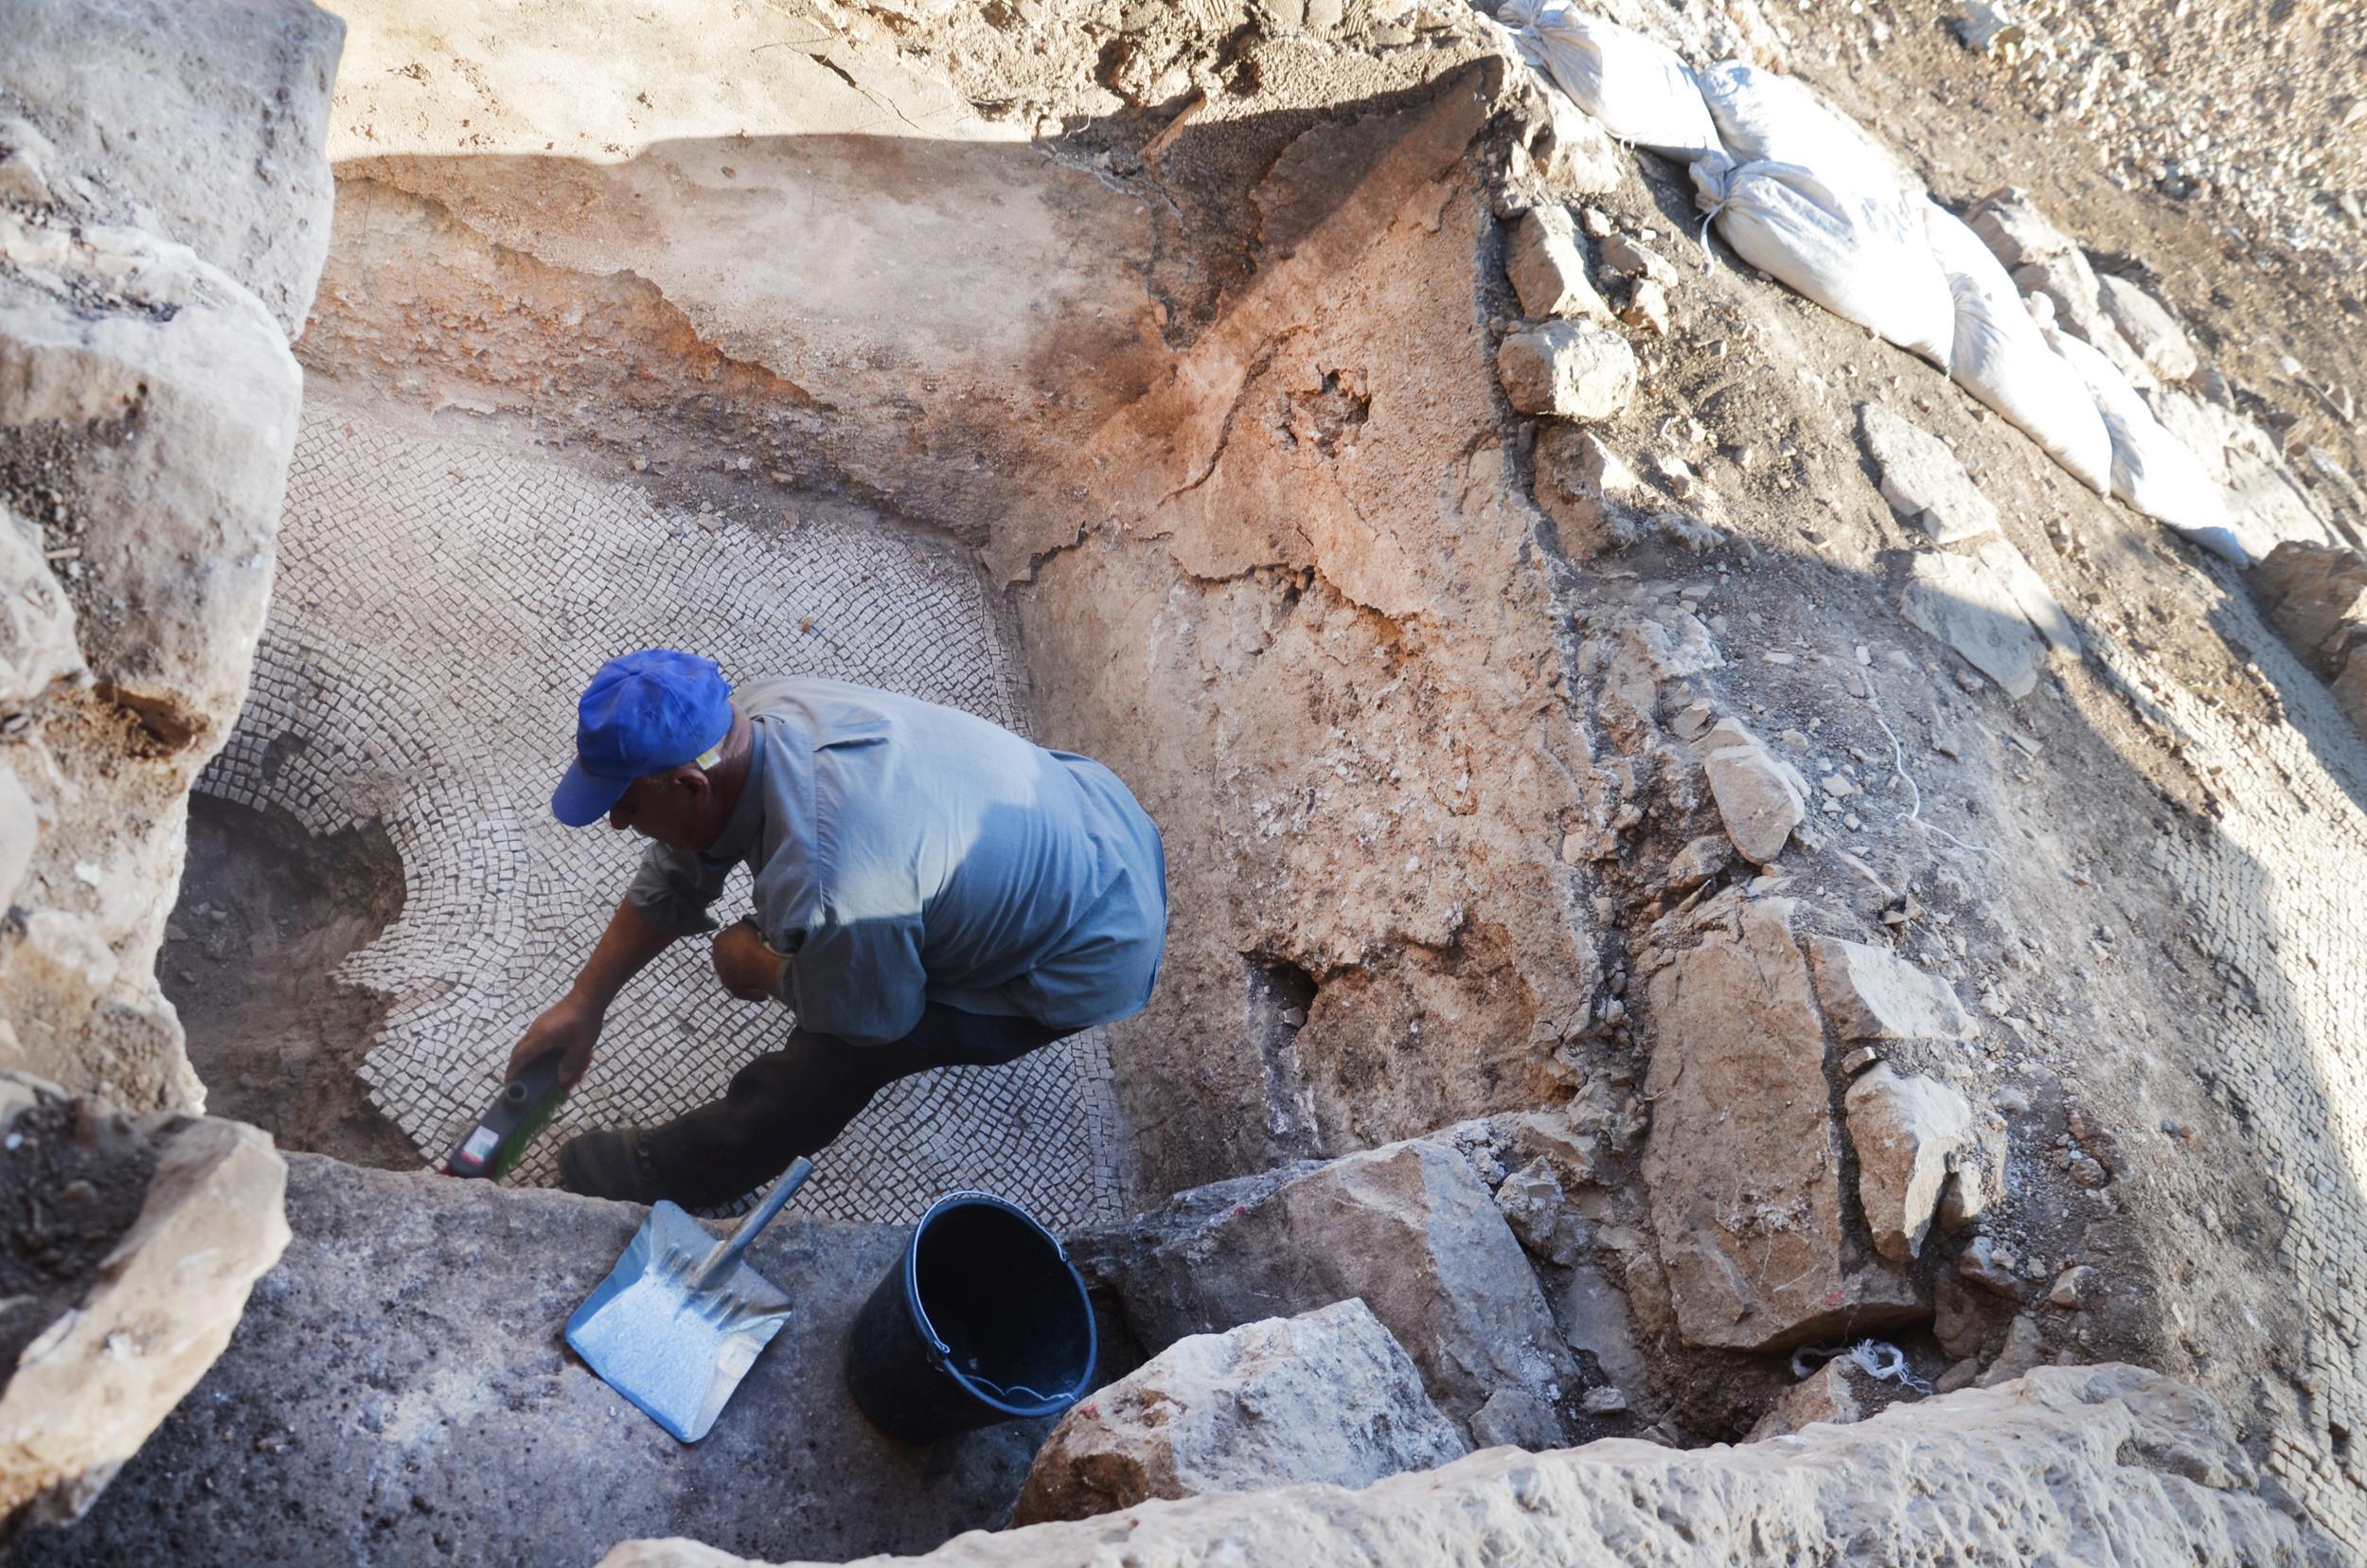 עובד בחפירה מנקה בור איגום של גת שנחשפה באתר. צילום: יוֹלי שוורץ